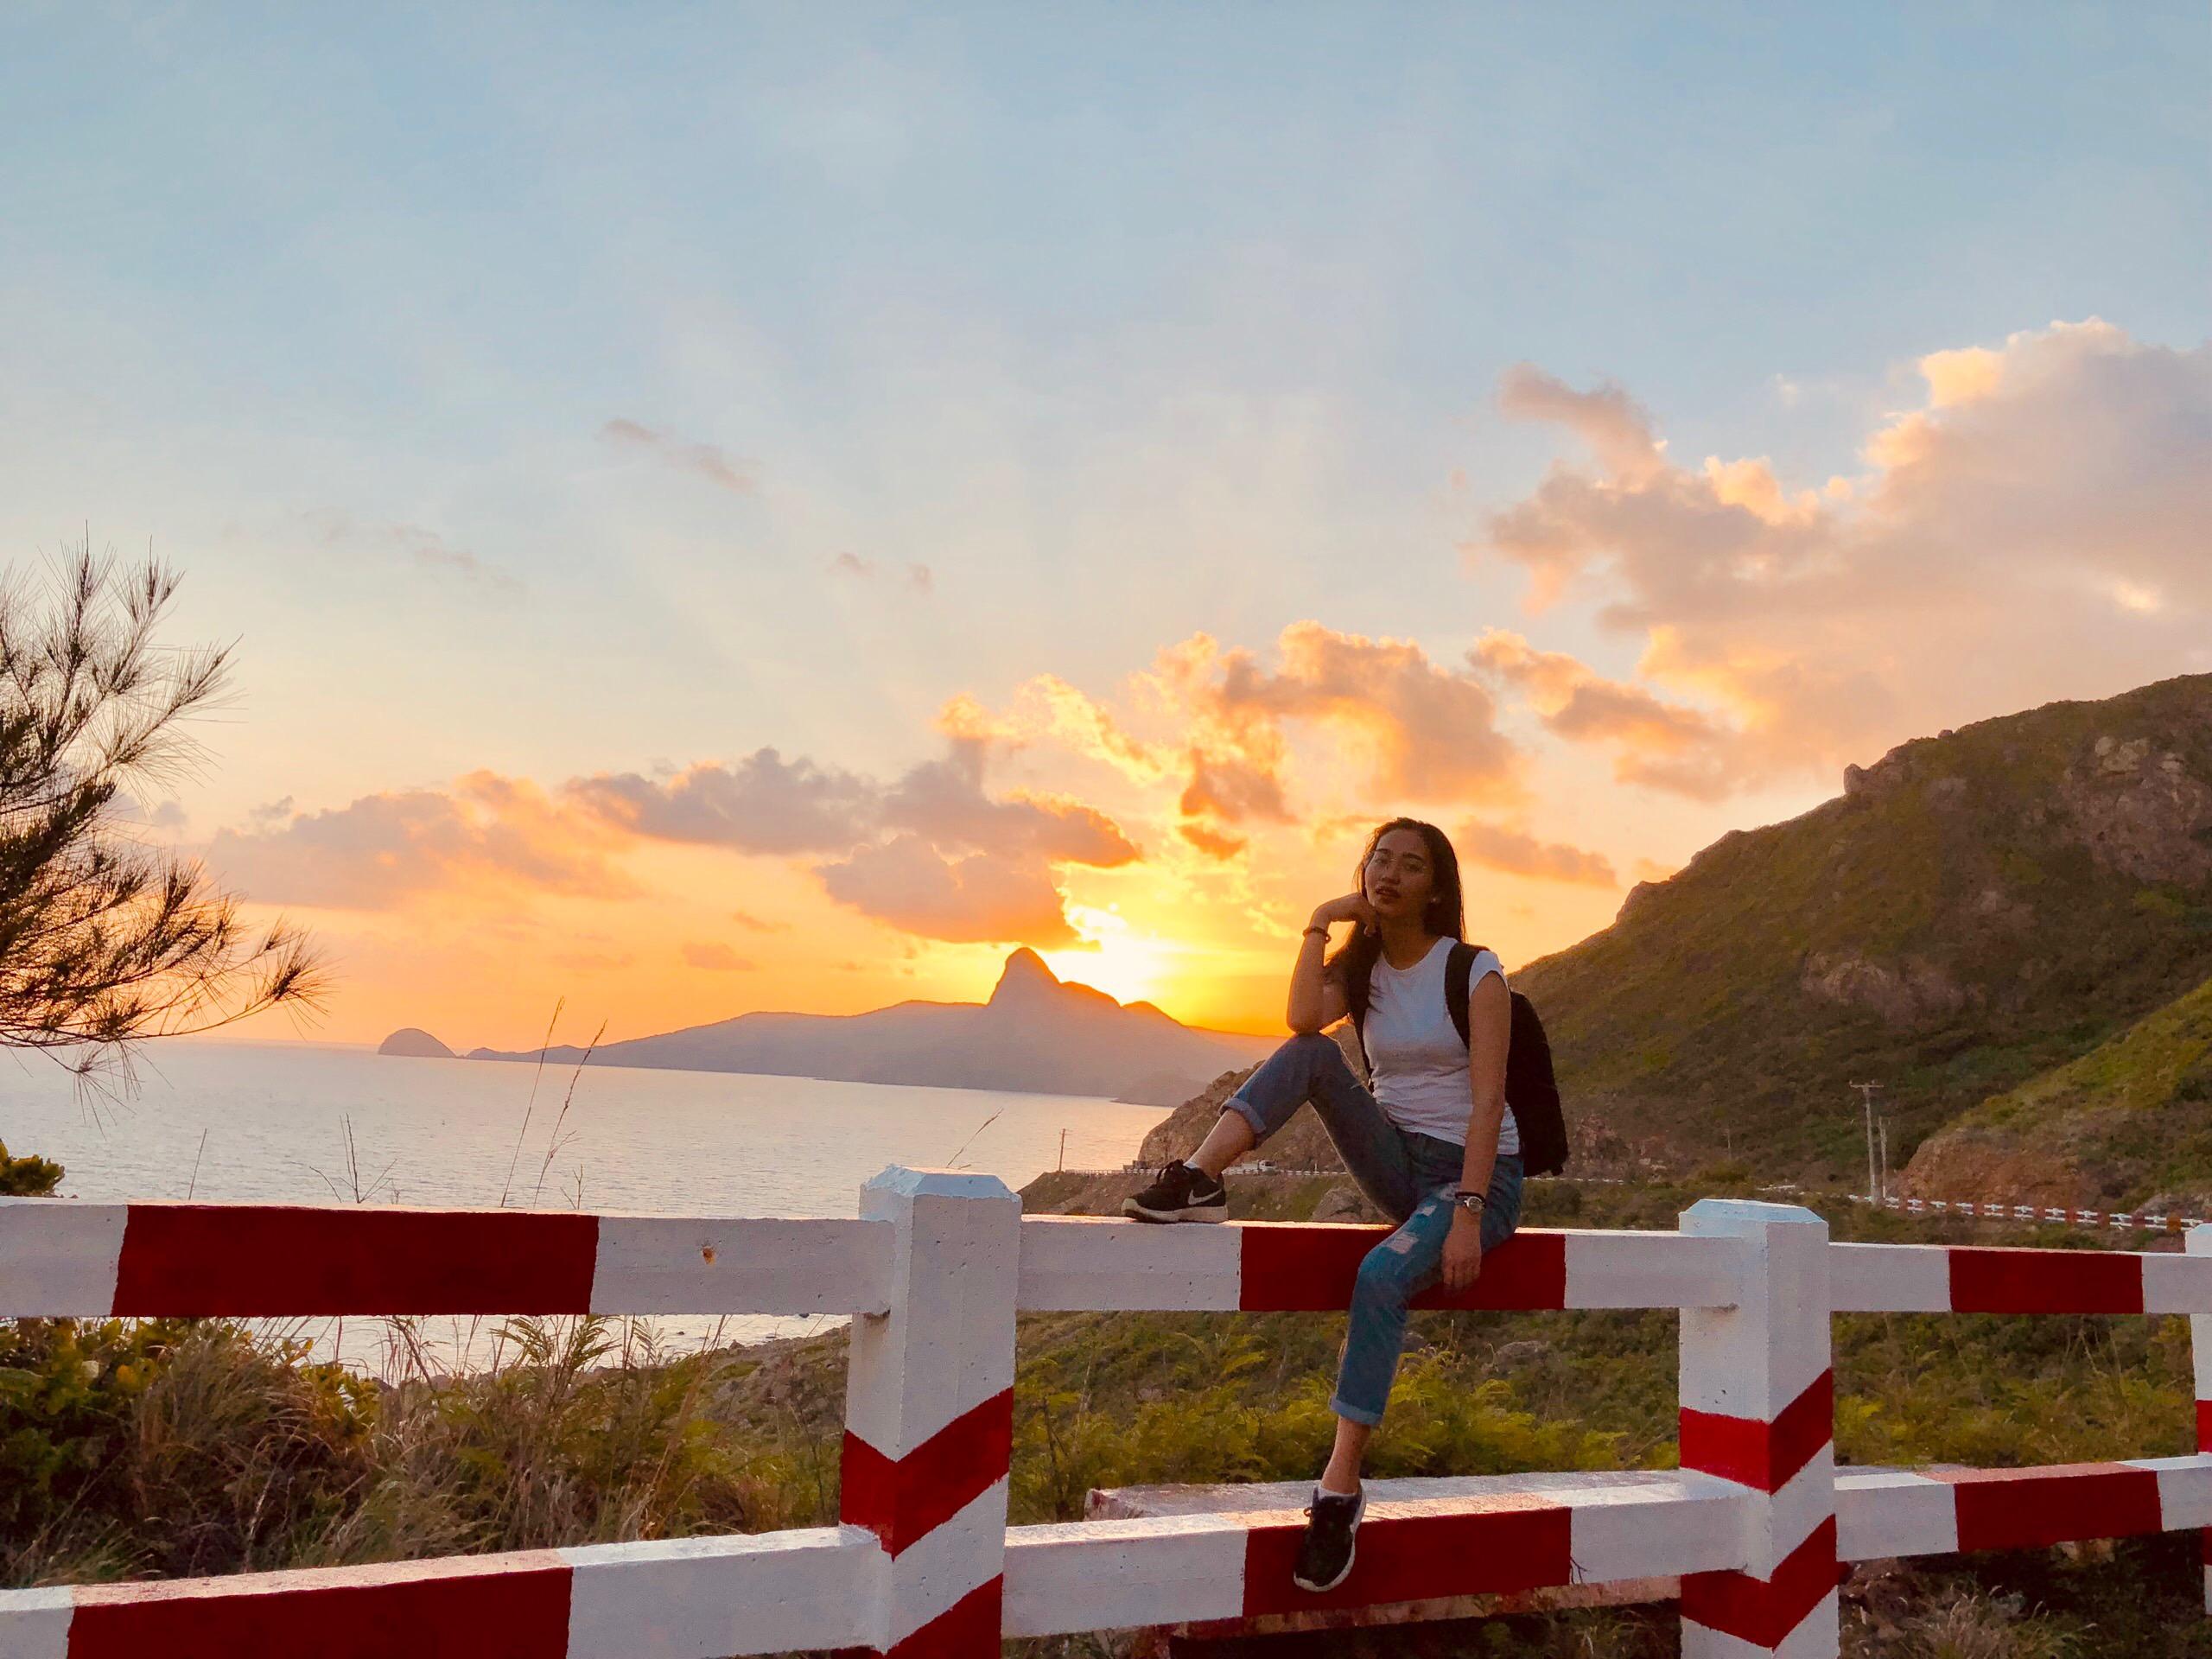 Điểm danh 15 địa điểm siêu đẹp ở Côn Đảo lên hình cực ảo - 48